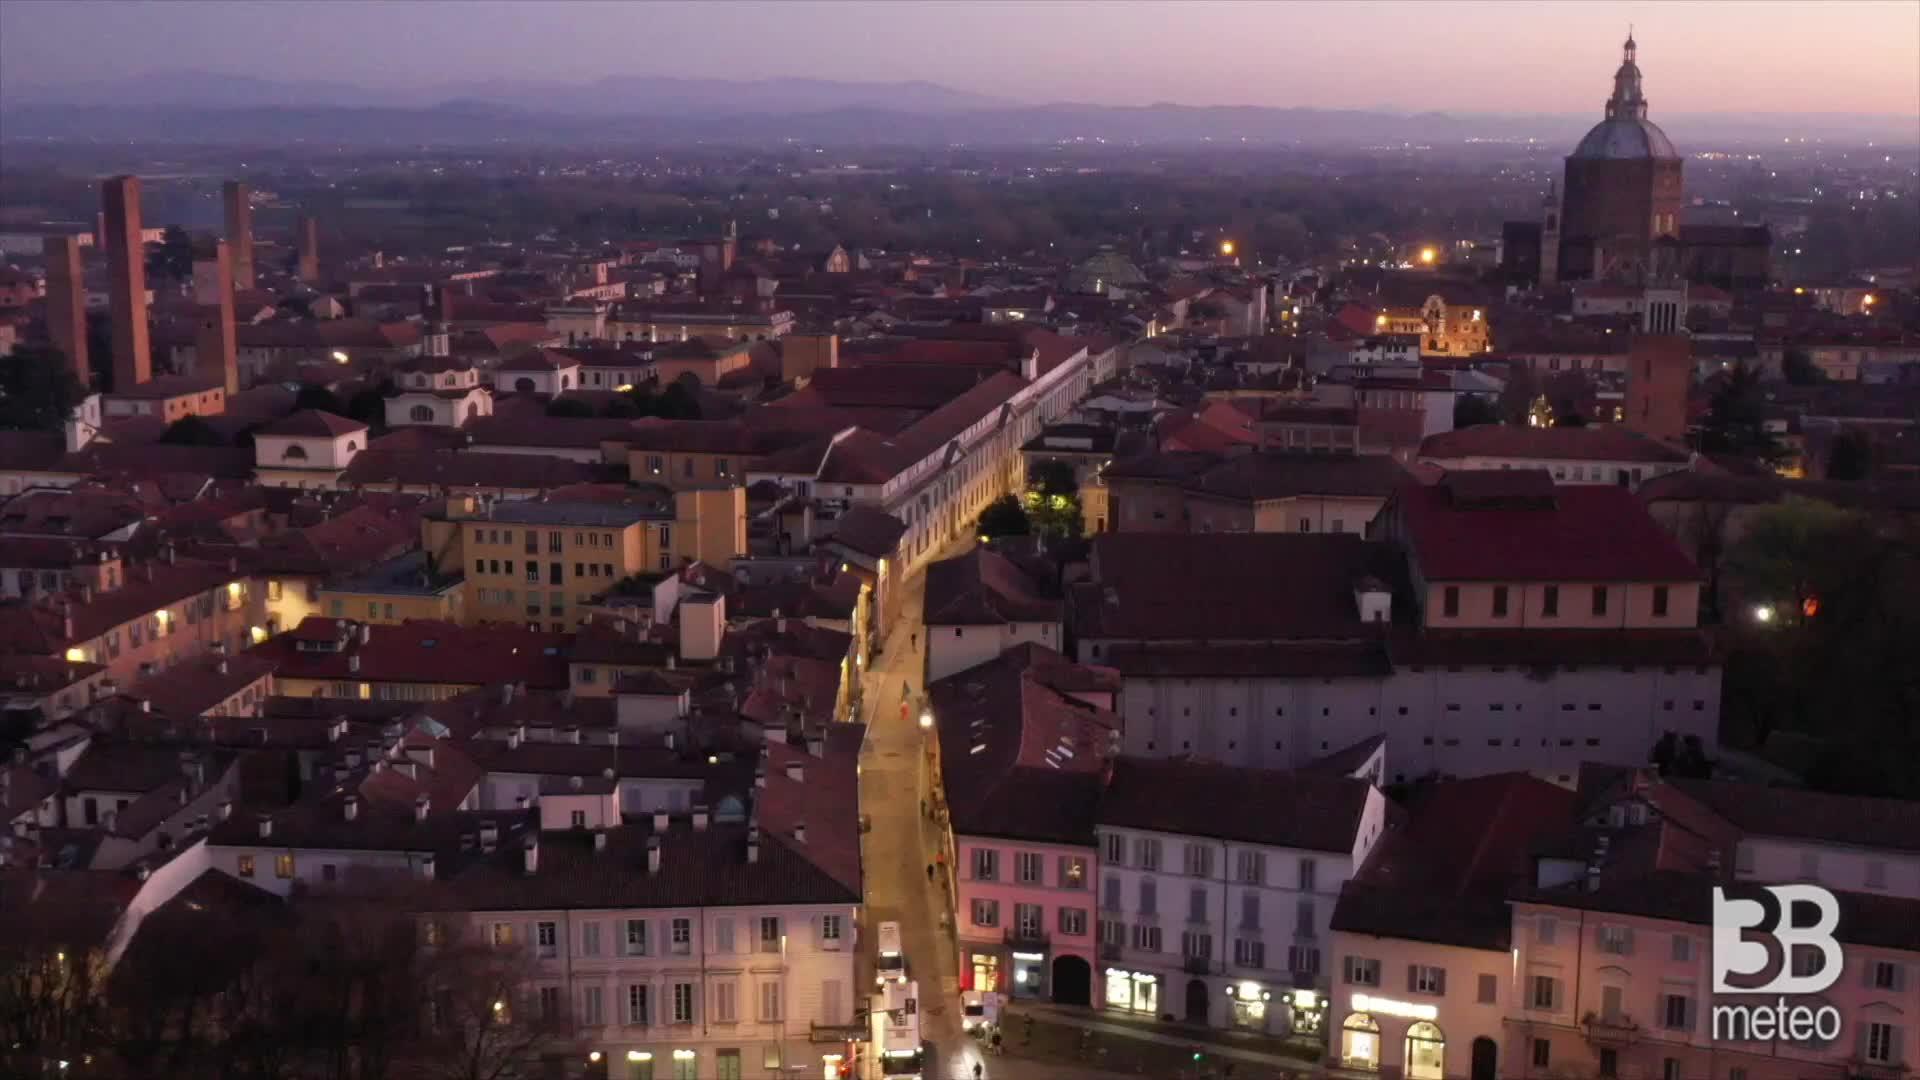 Coronavirus, Pavia semi-deserta: la città al tramonto dal drone